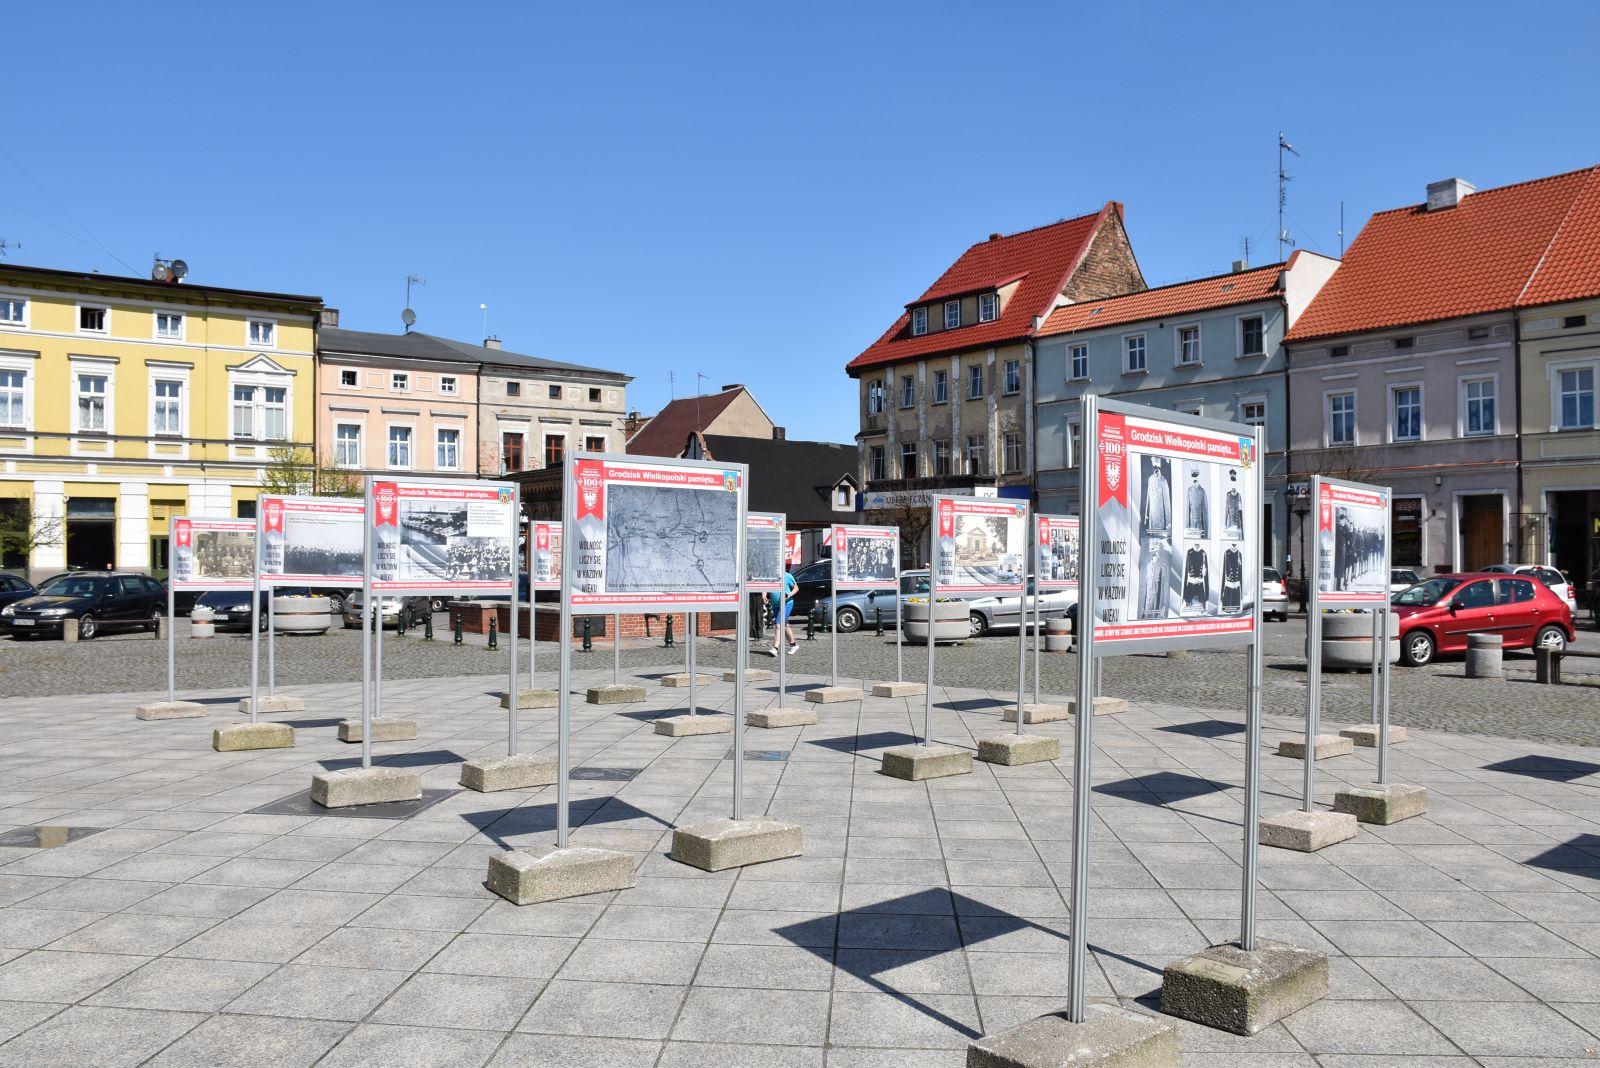 grodzisk wielkopolski rynek wystawa - UM Grodzisk Wielkopolski